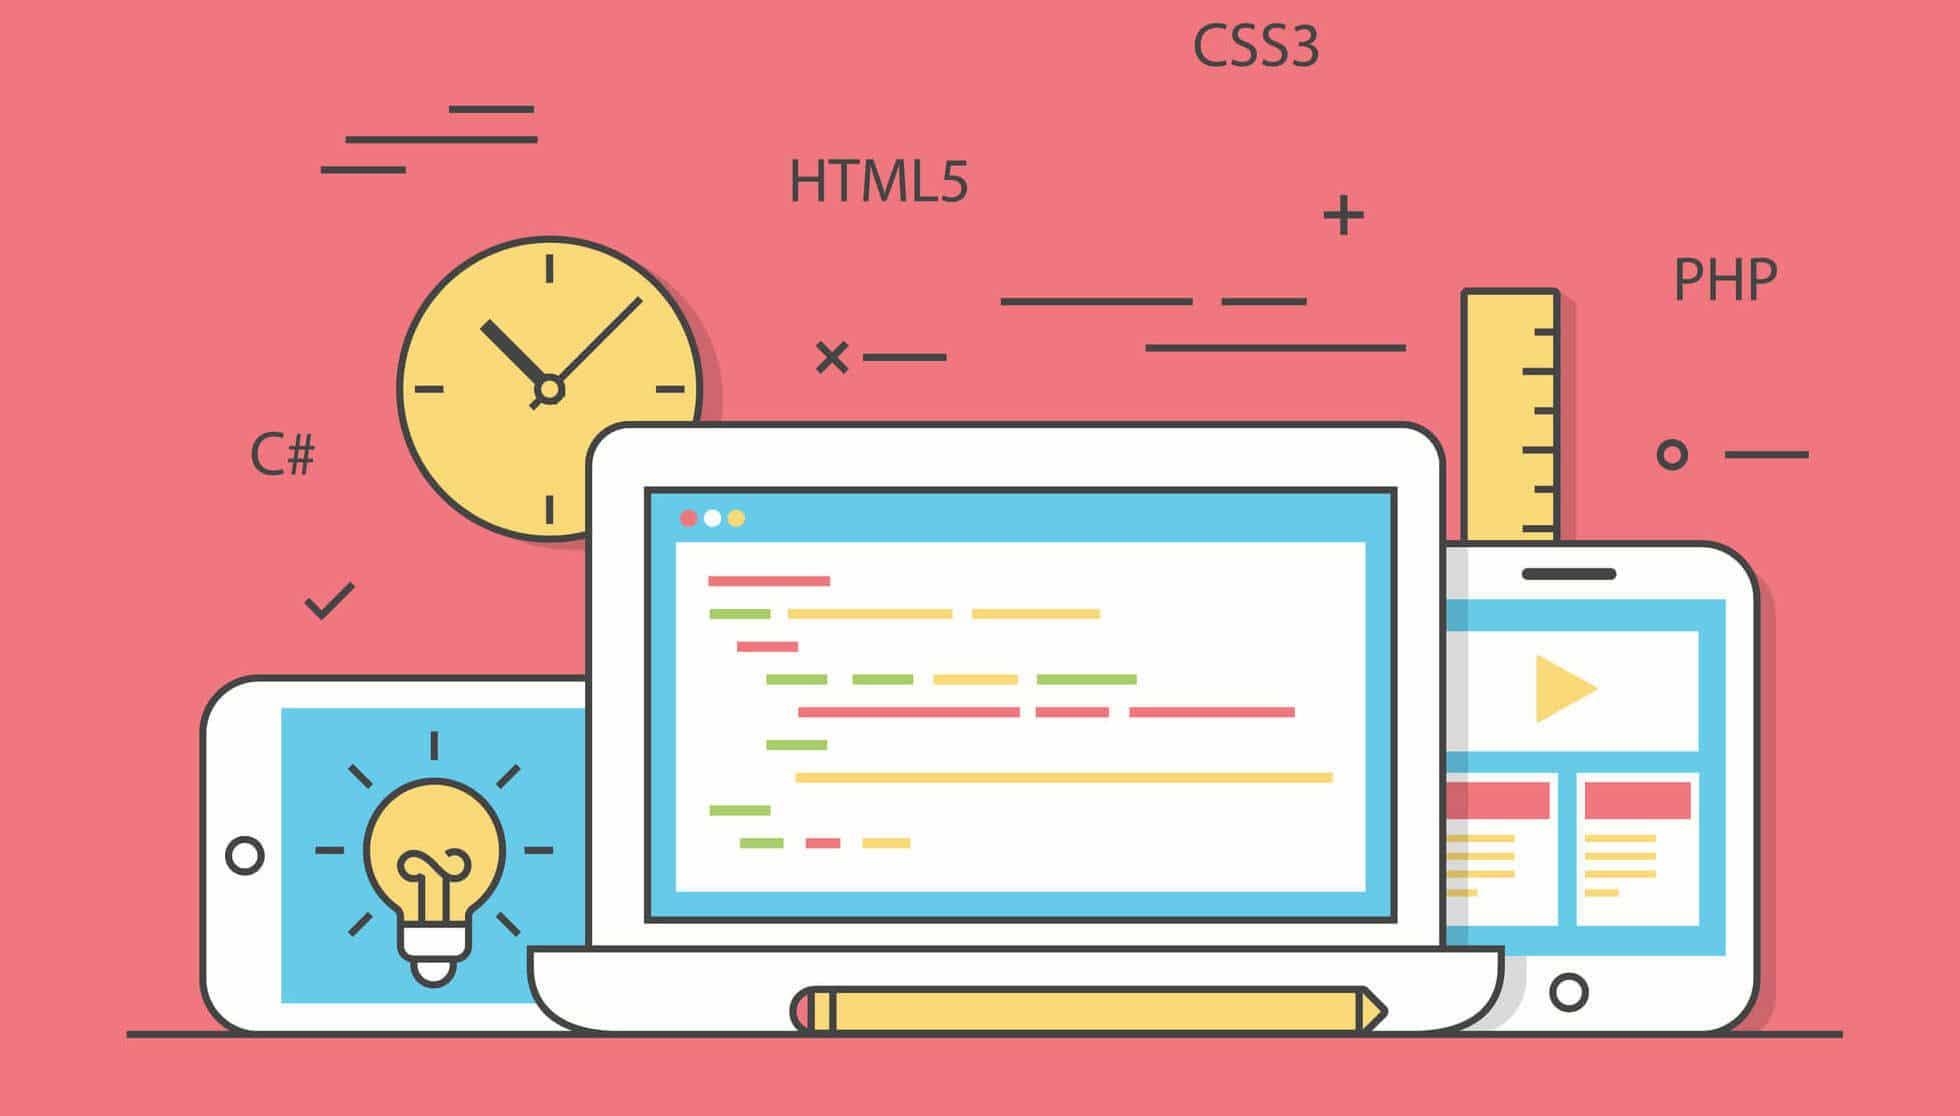 Quer criar um site rápido? Confira os 7 principais problemas que afetam o desempenho